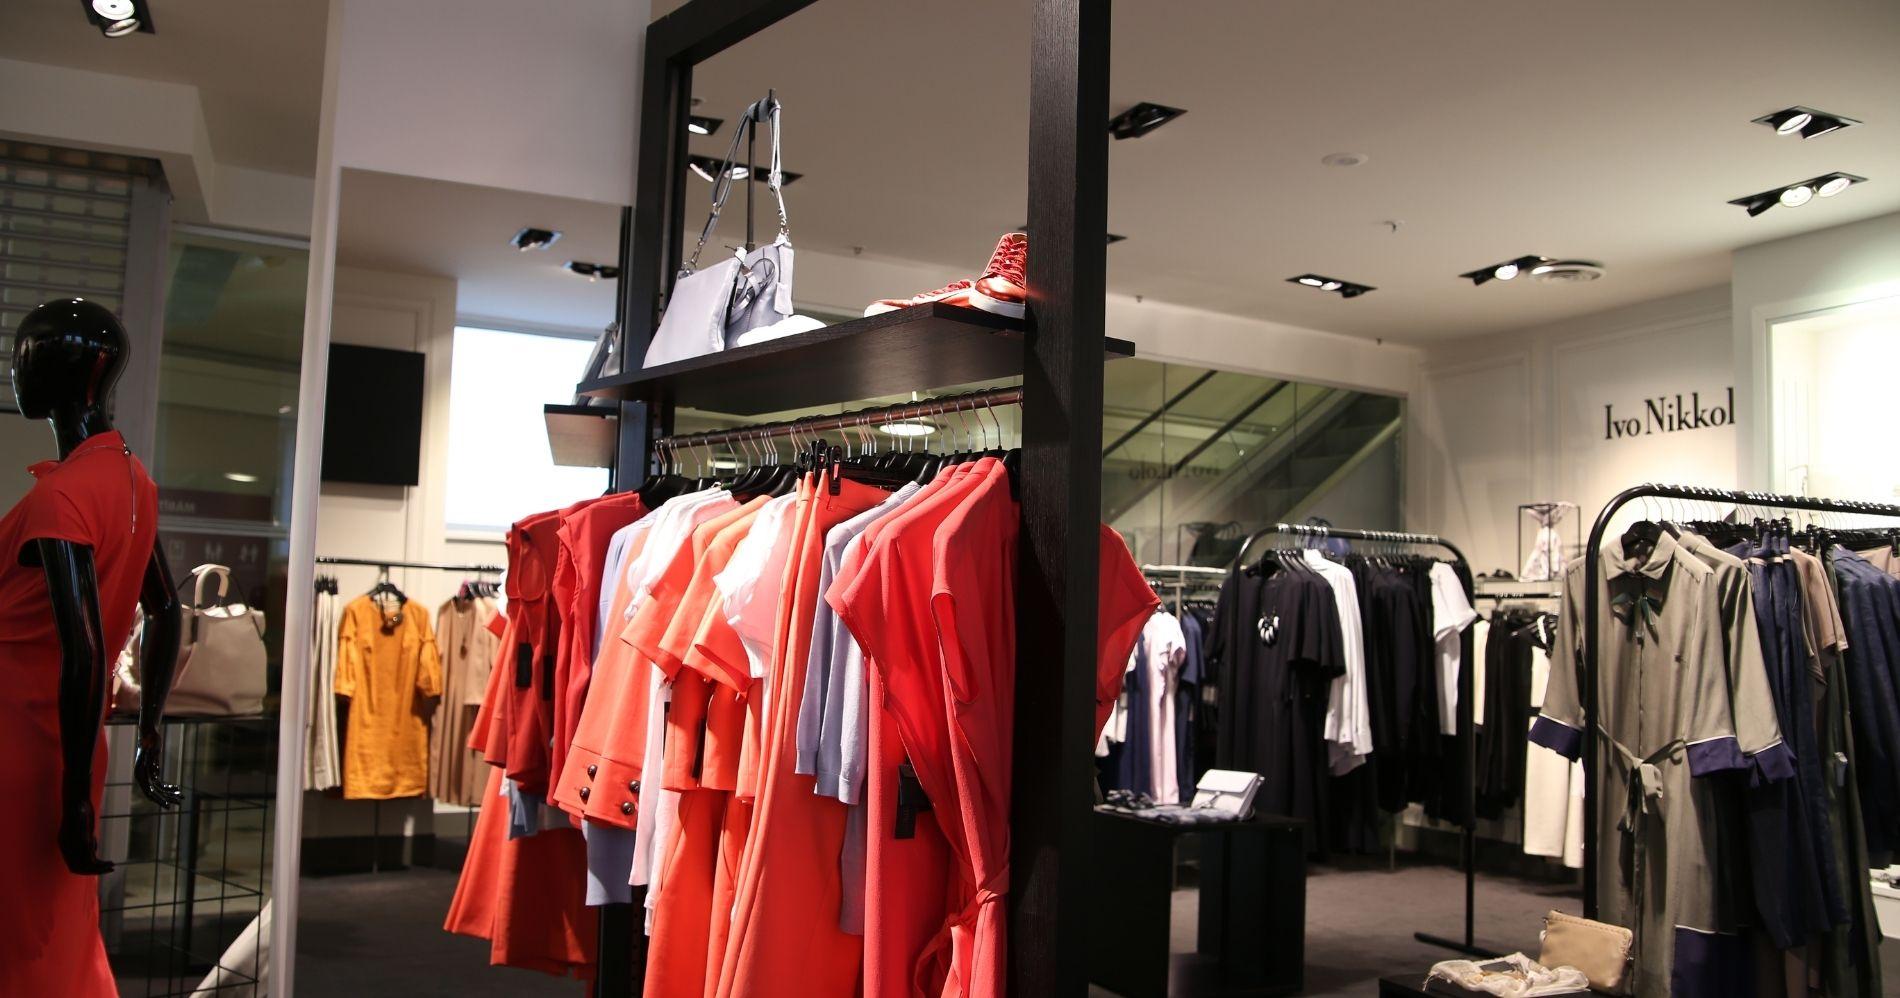 Ilustrasi Gambar Pakaian yang Terkenal - Bisnis Muda - Canva.com